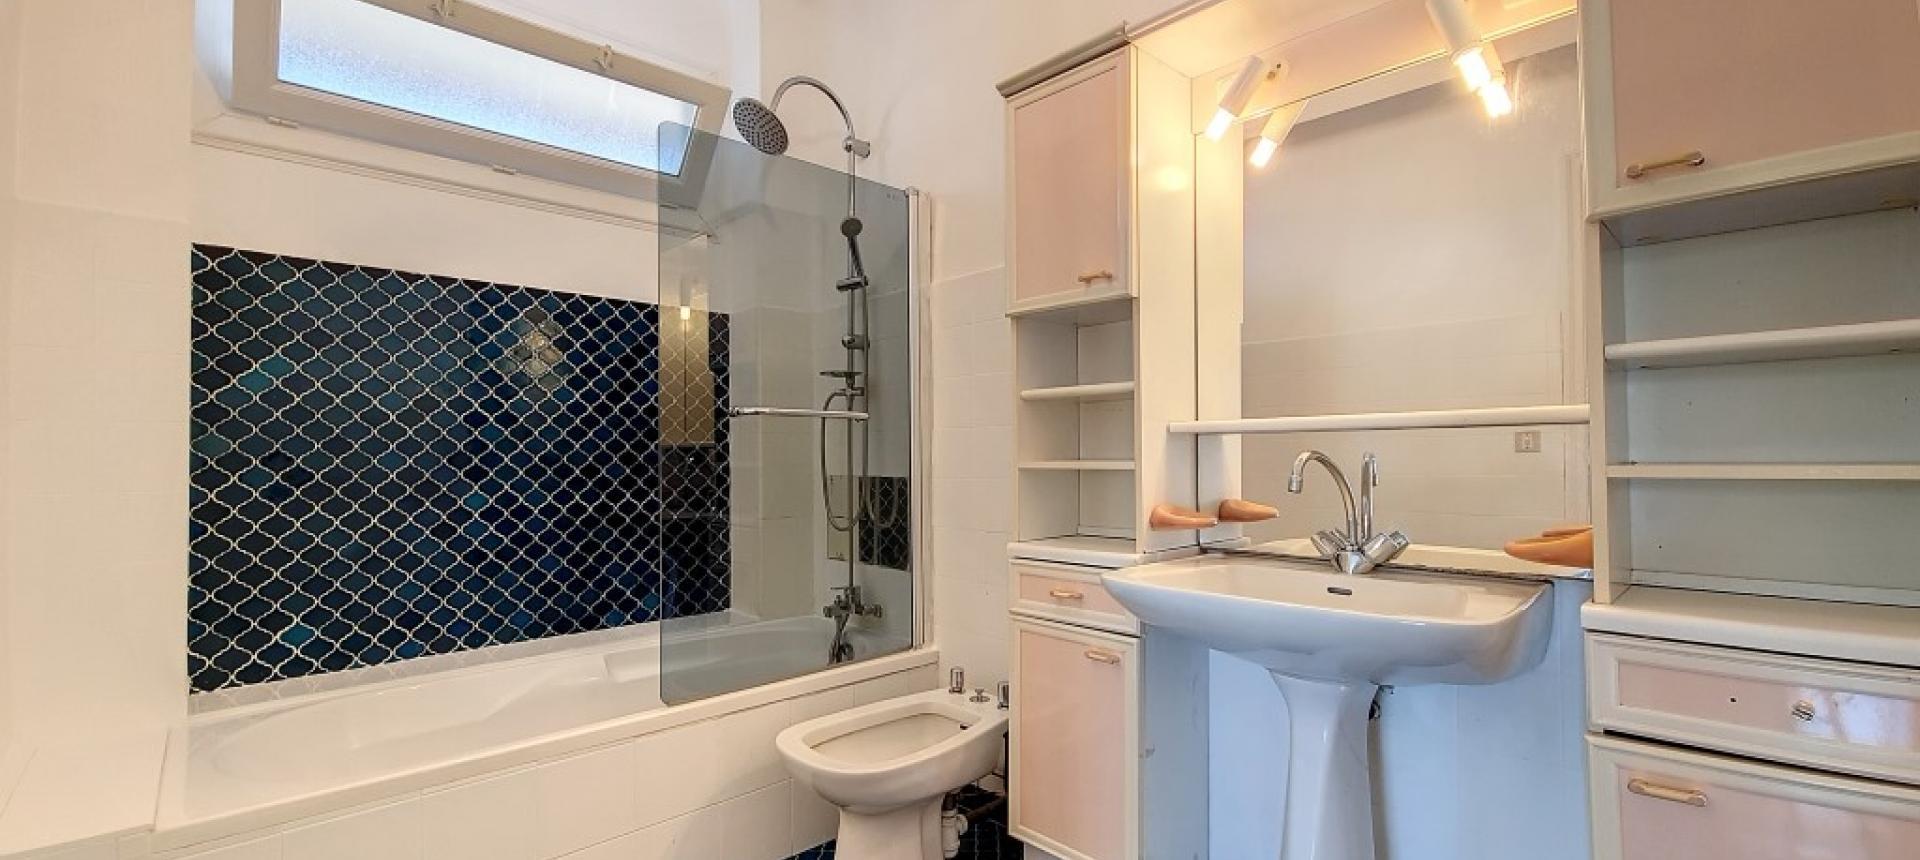 F3 à louer immeuble Masseria salle de bains